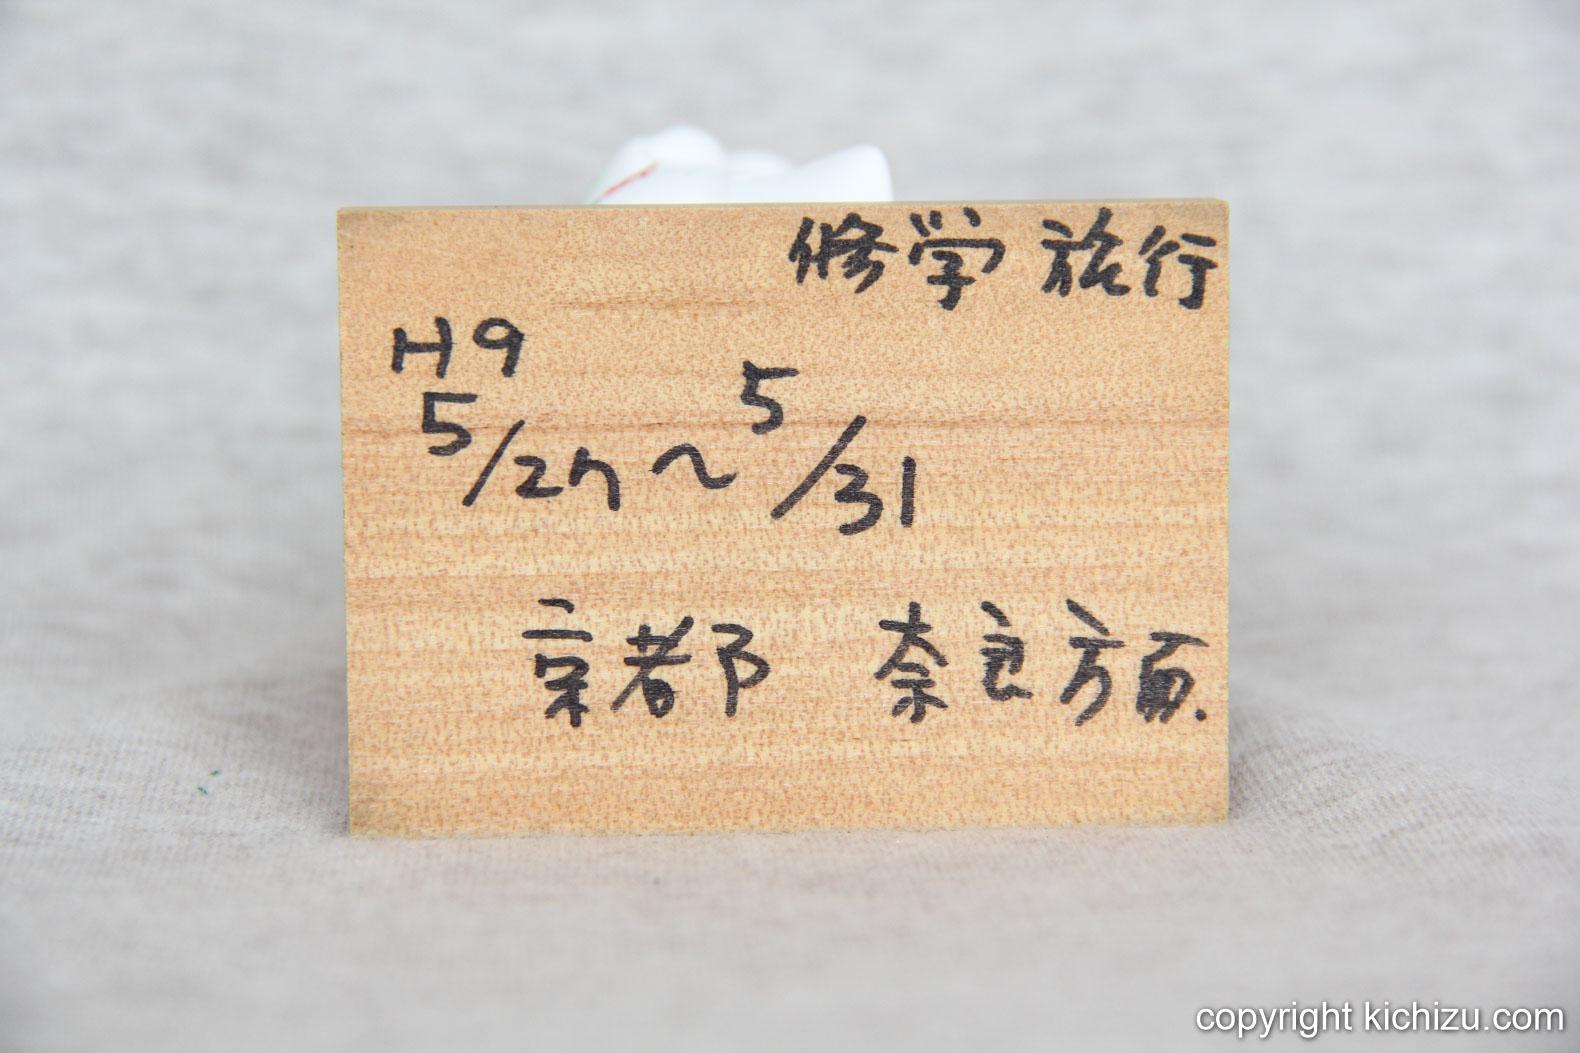 奈良で購入した瀬戸物の舞妓さんの裏側